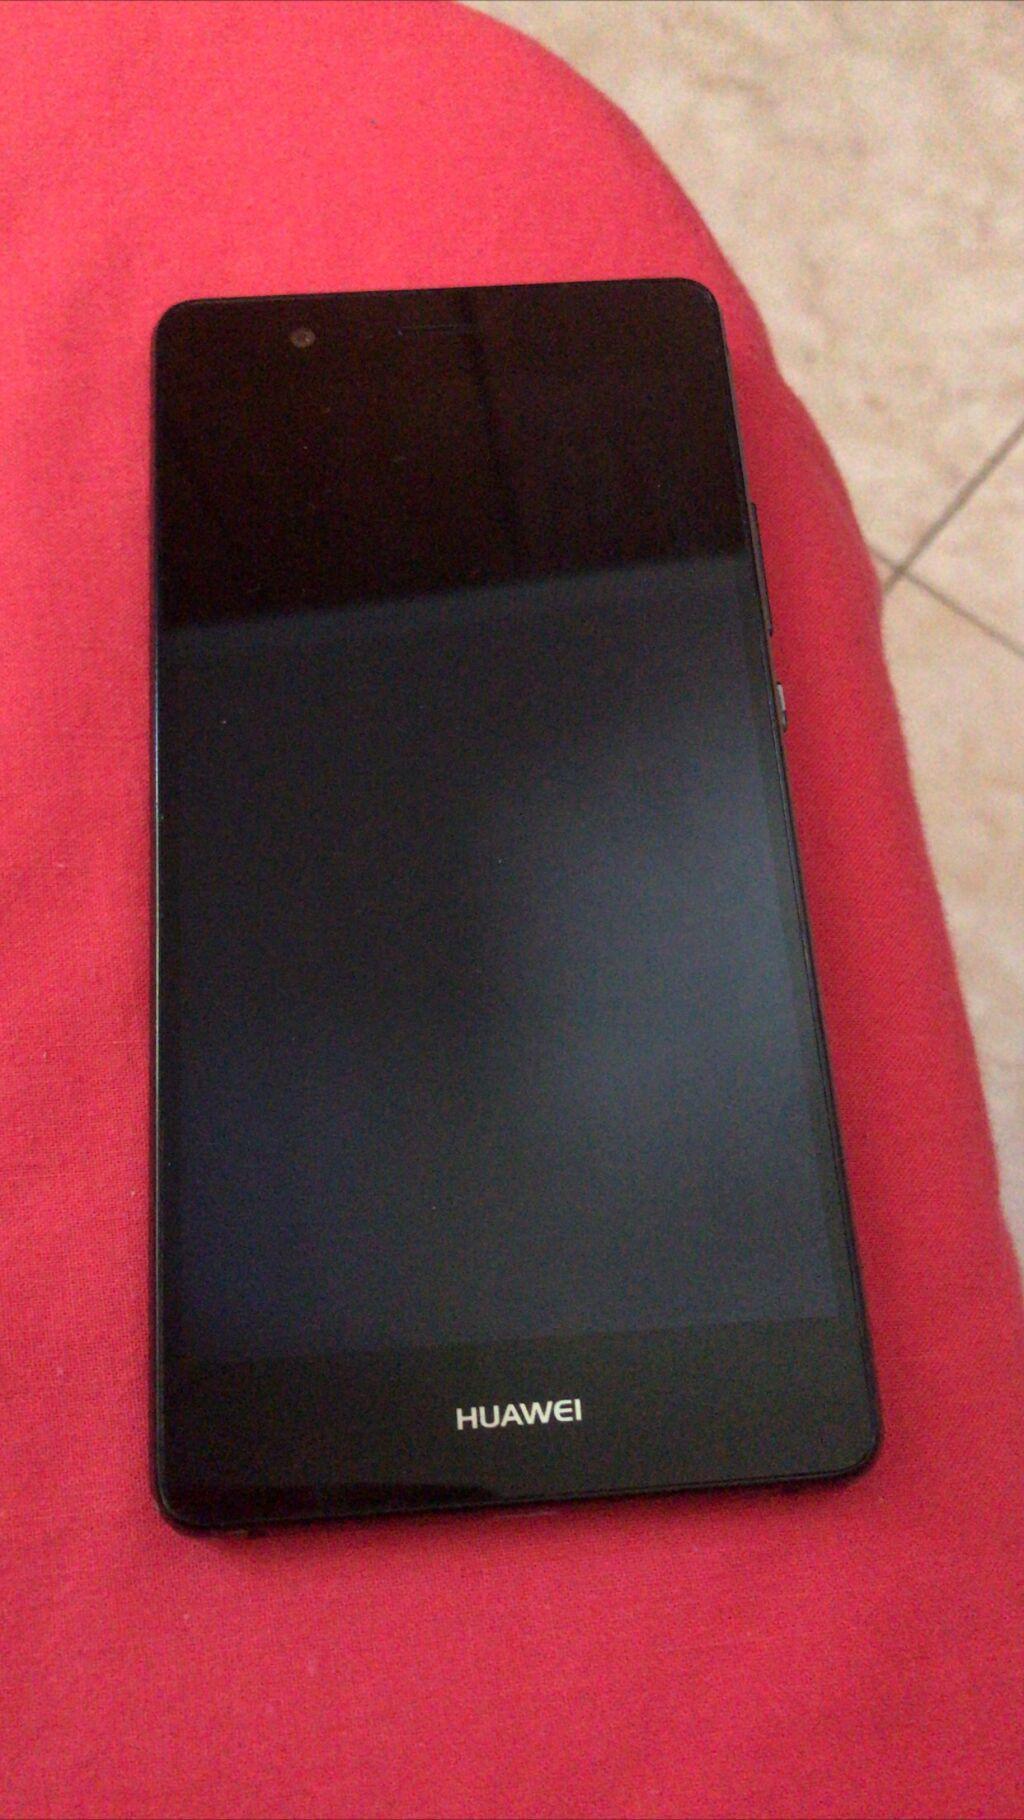 Huawei P9 Lite σε αριστη κατάσταση! Έχει χρησιμοποιηθεί μικρό χρονικό διάστημα , ΔΕΝ φέρει φθορές , λειτουργει άψογα